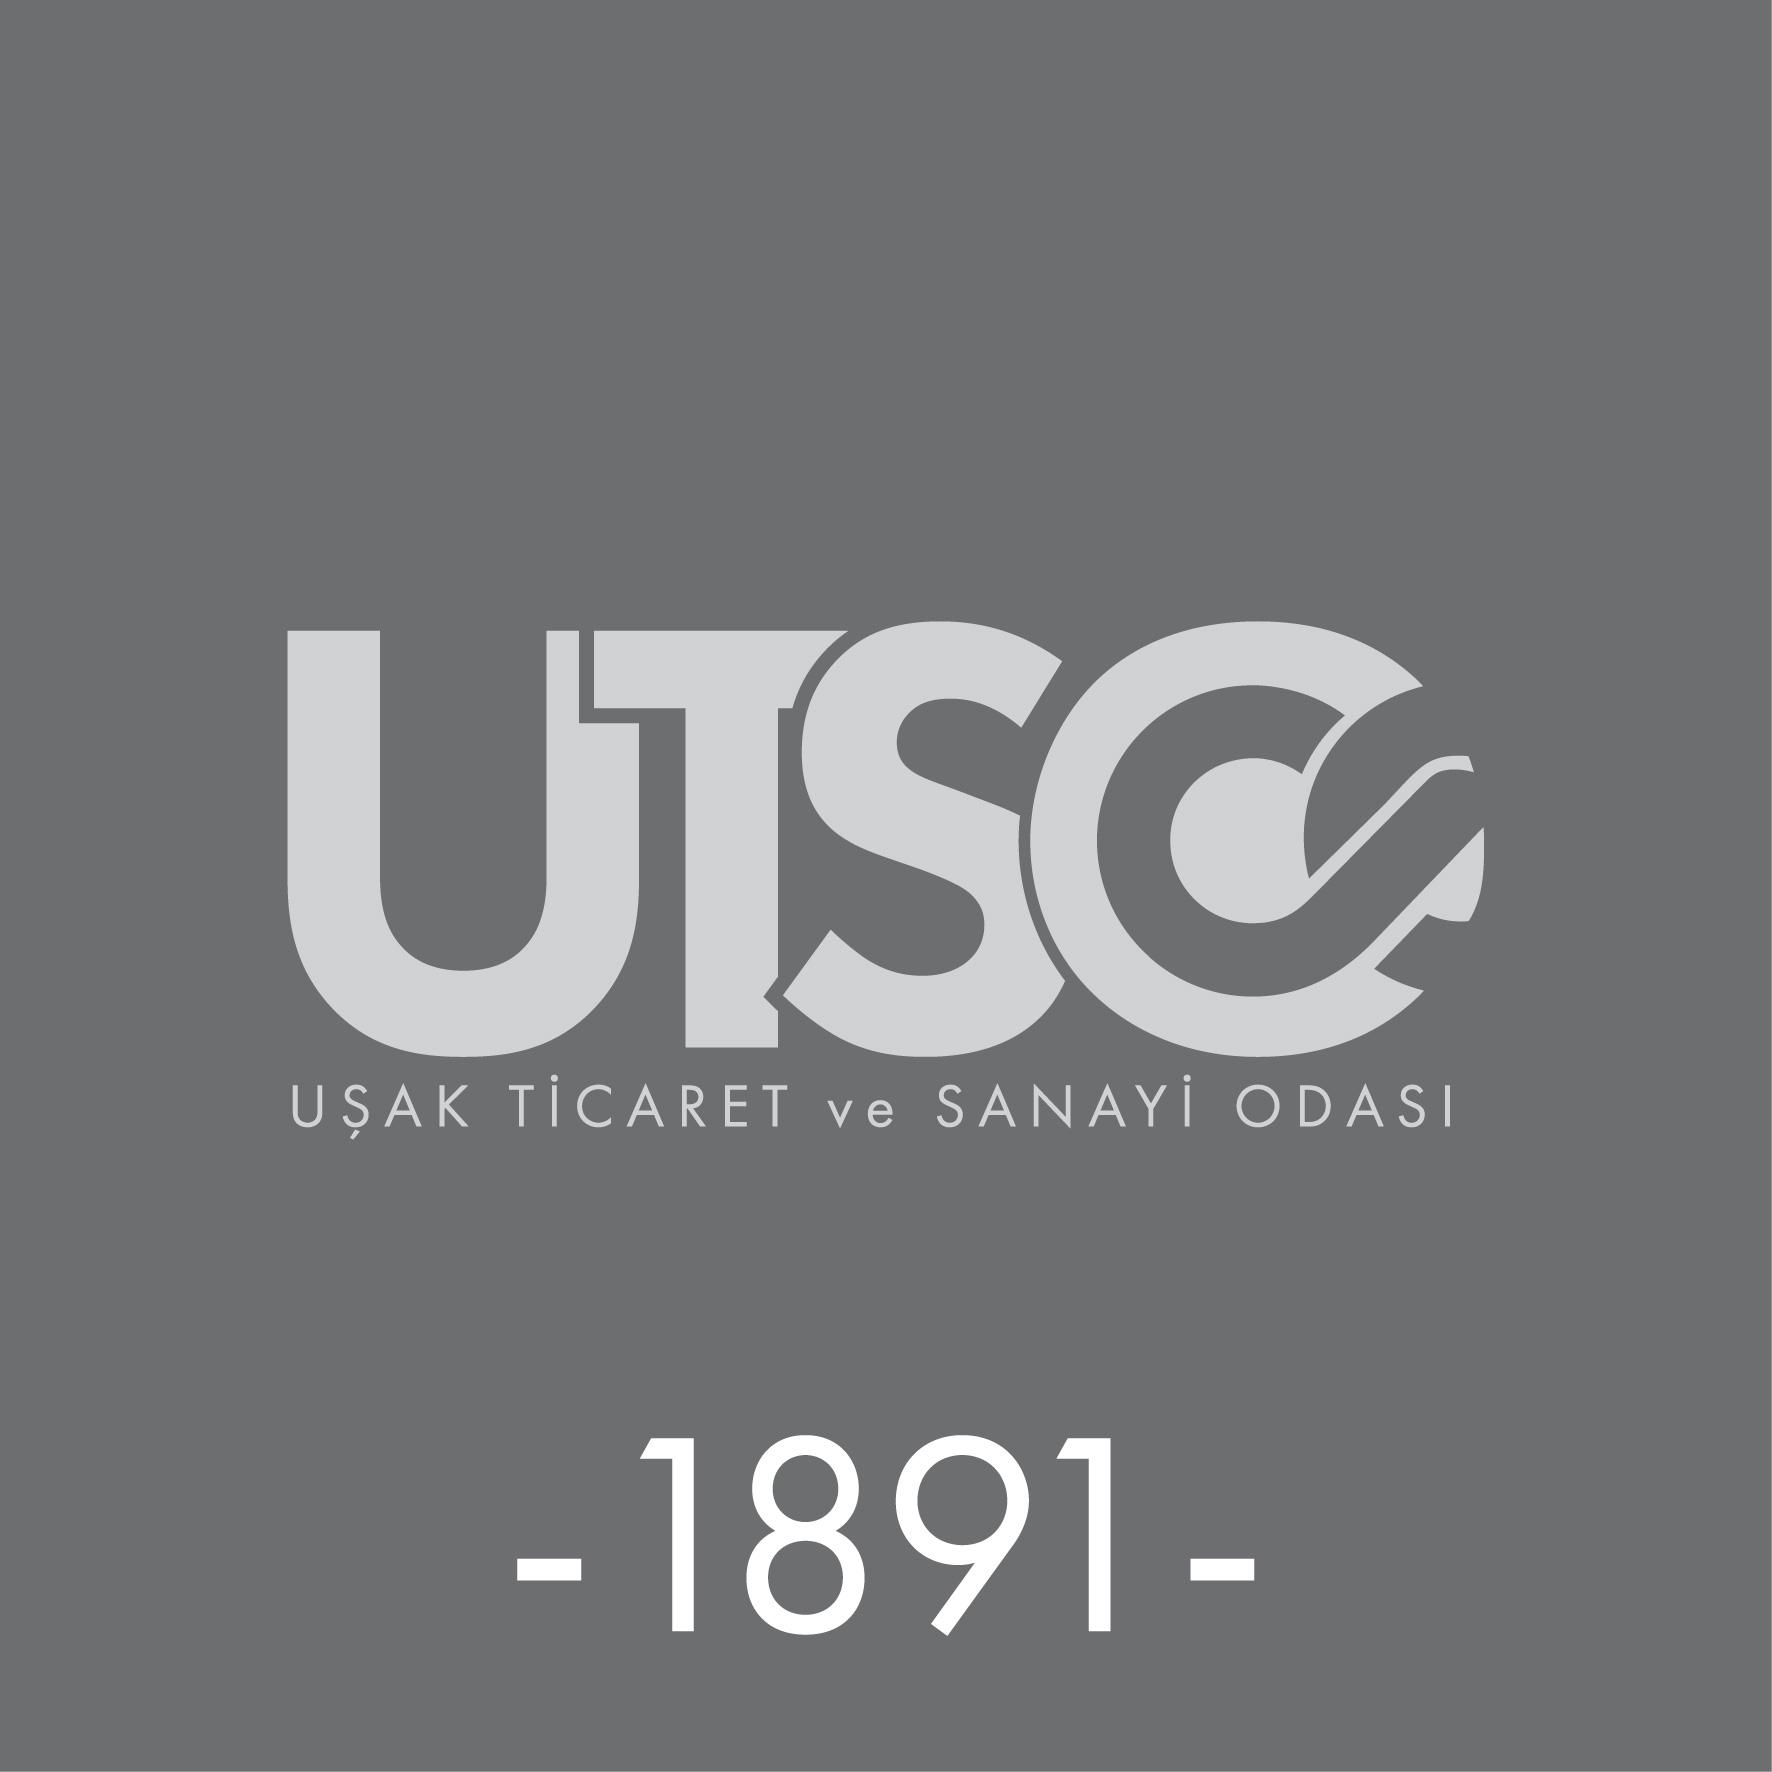 Utso_Logo_jpg